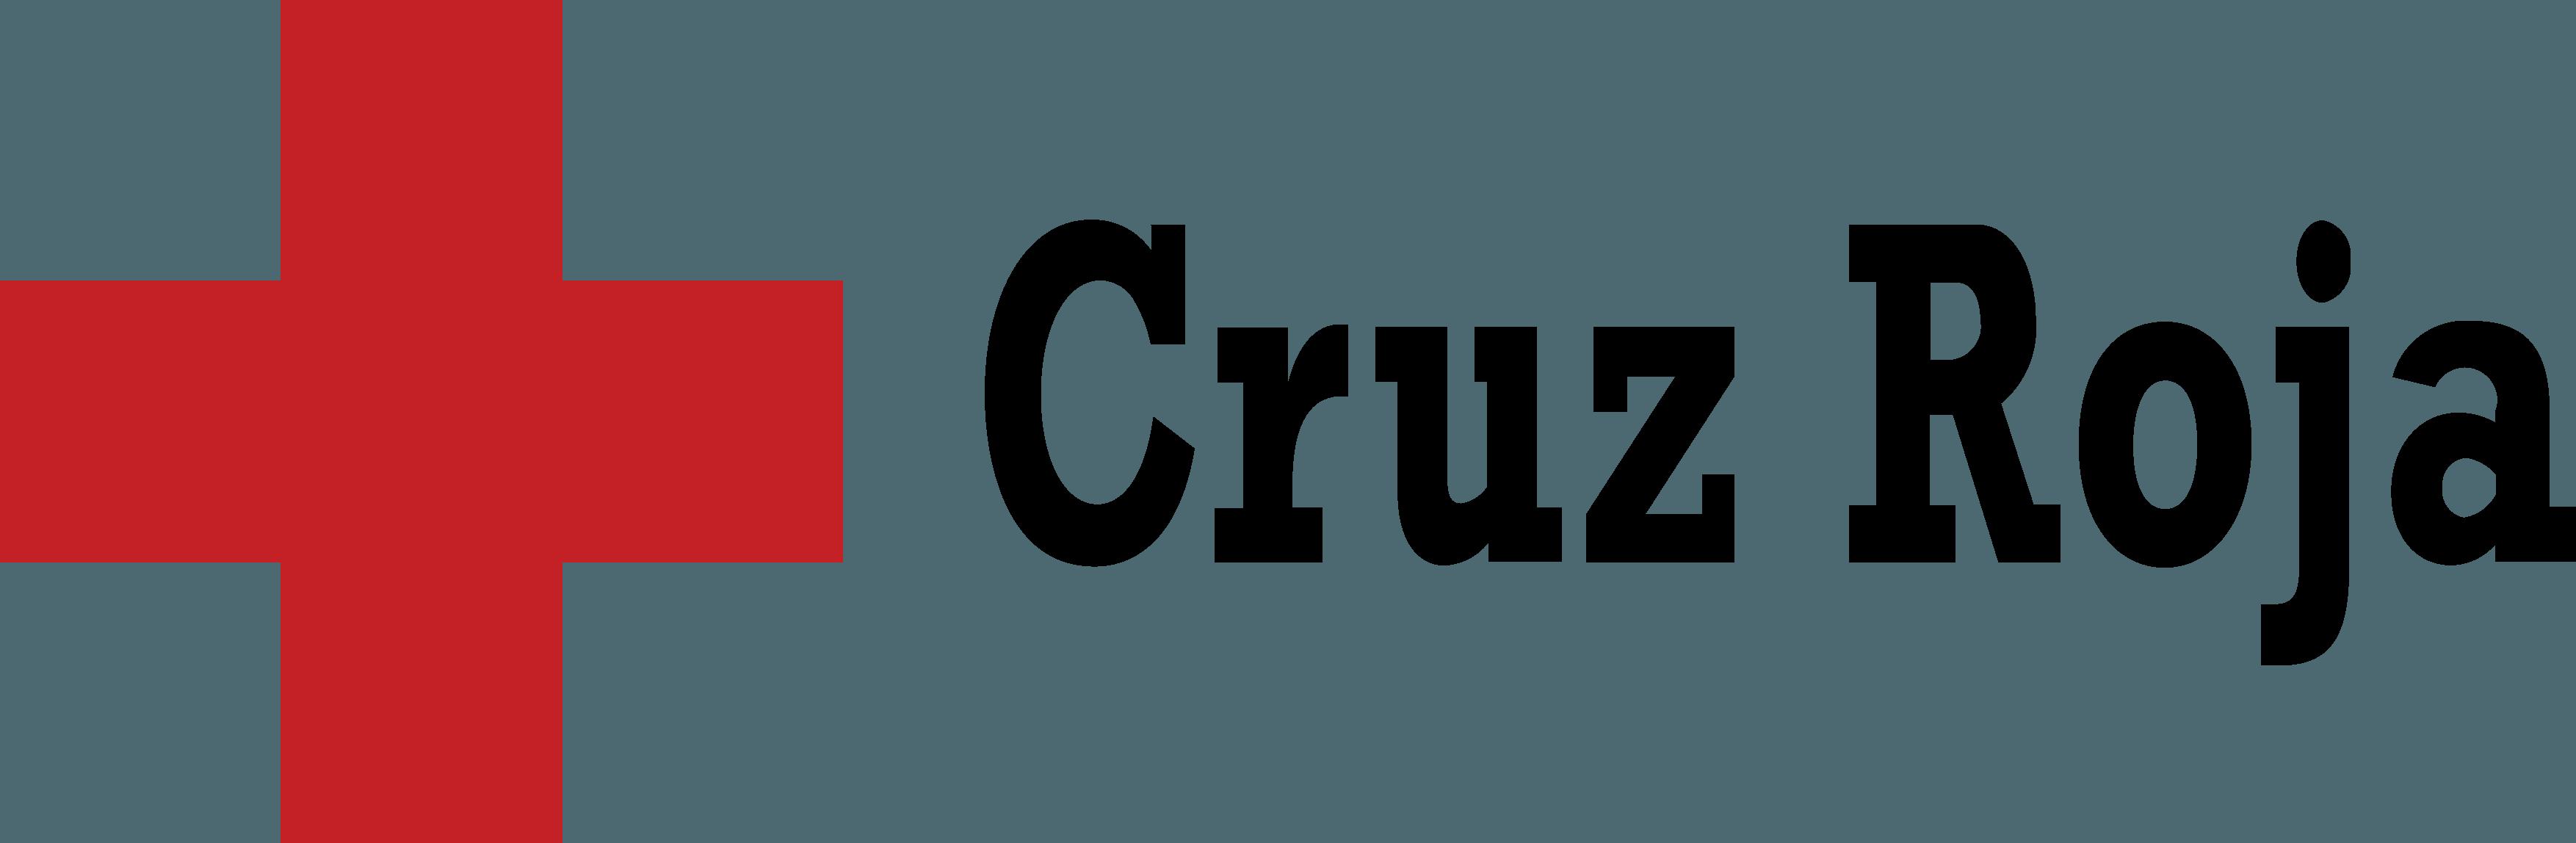 Cruz Roja Logo png